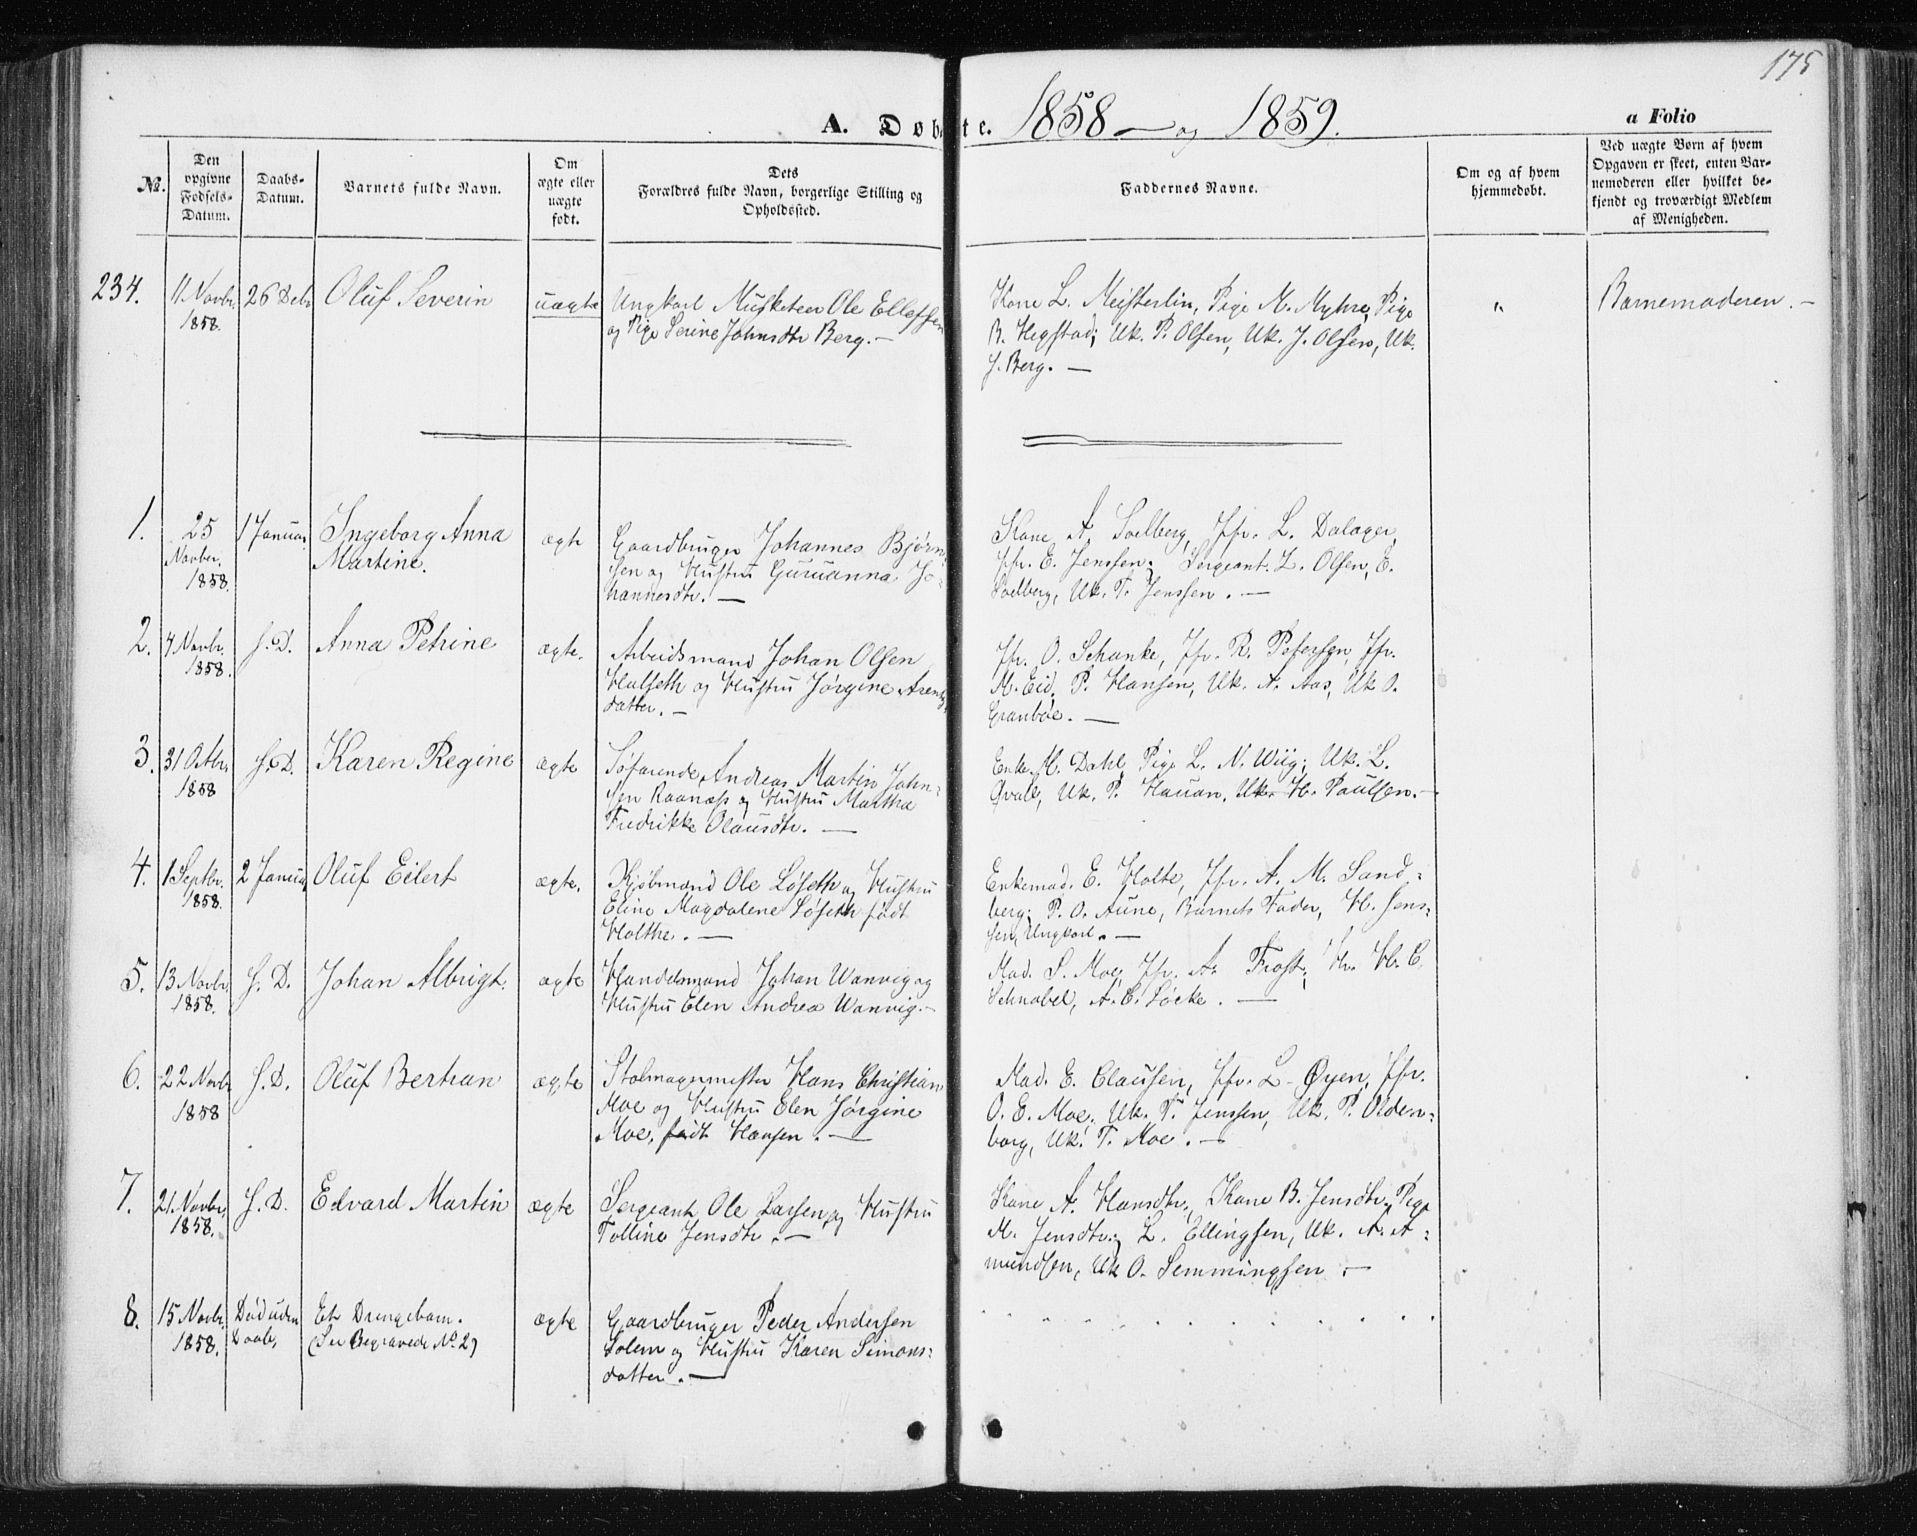 SAT, Ministerialprotokoller, klokkerbøker og fødselsregistre - Sør-Trøndelag, 602/L0112: Ministerialbok nr. 602A10, 1848-1859, s. 175